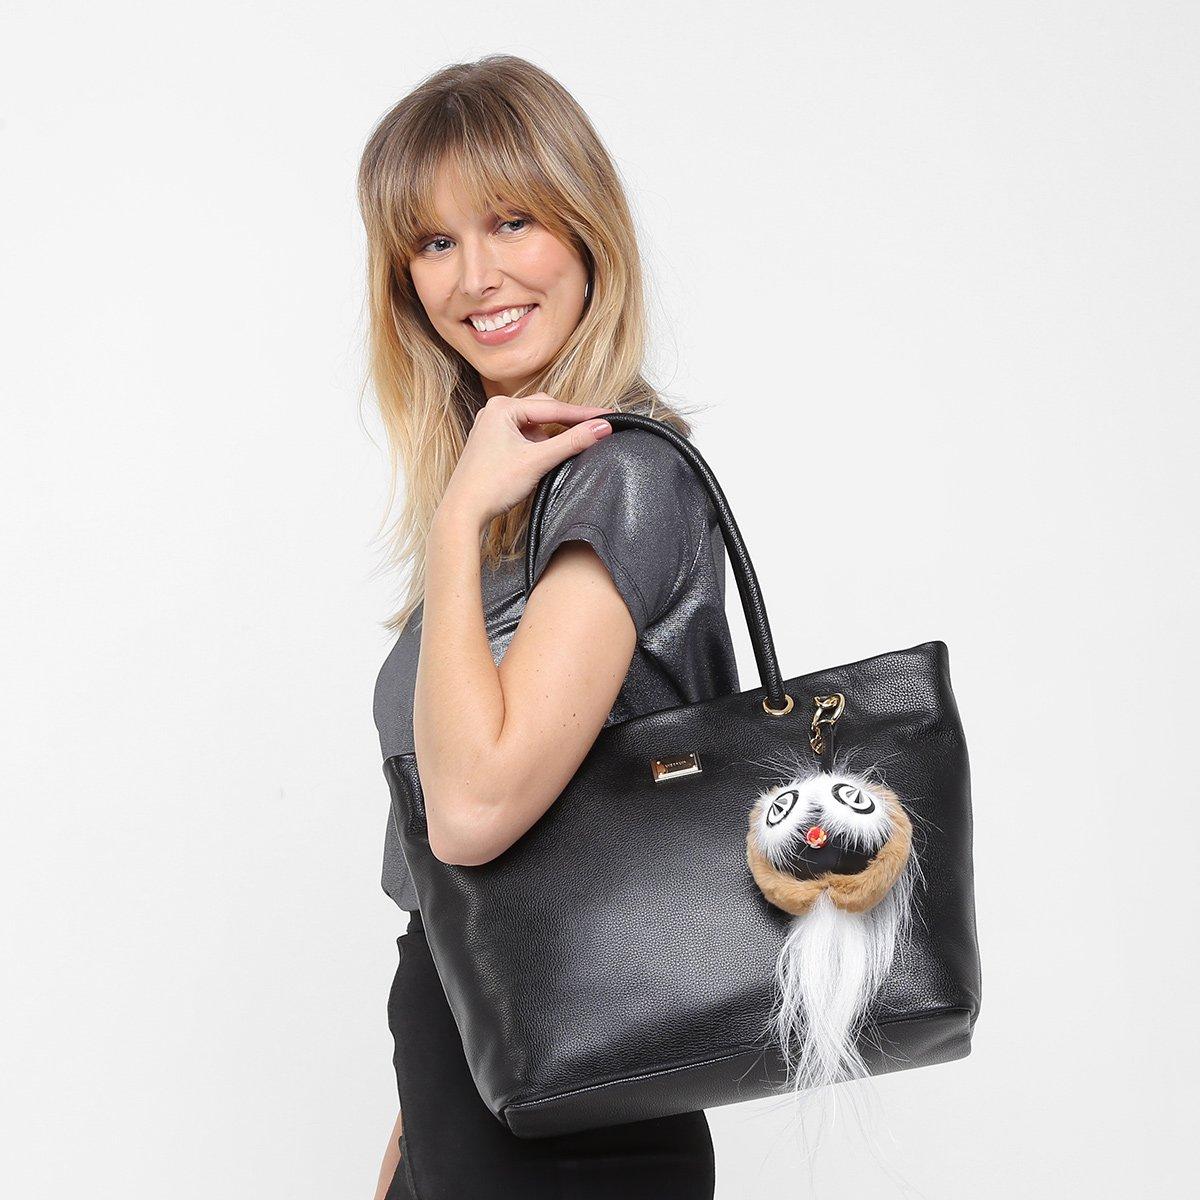 49f43ea7b Bolsa Couro Luz da Lua Shopper Detalhe Chaveiro Feminina - Compre ...